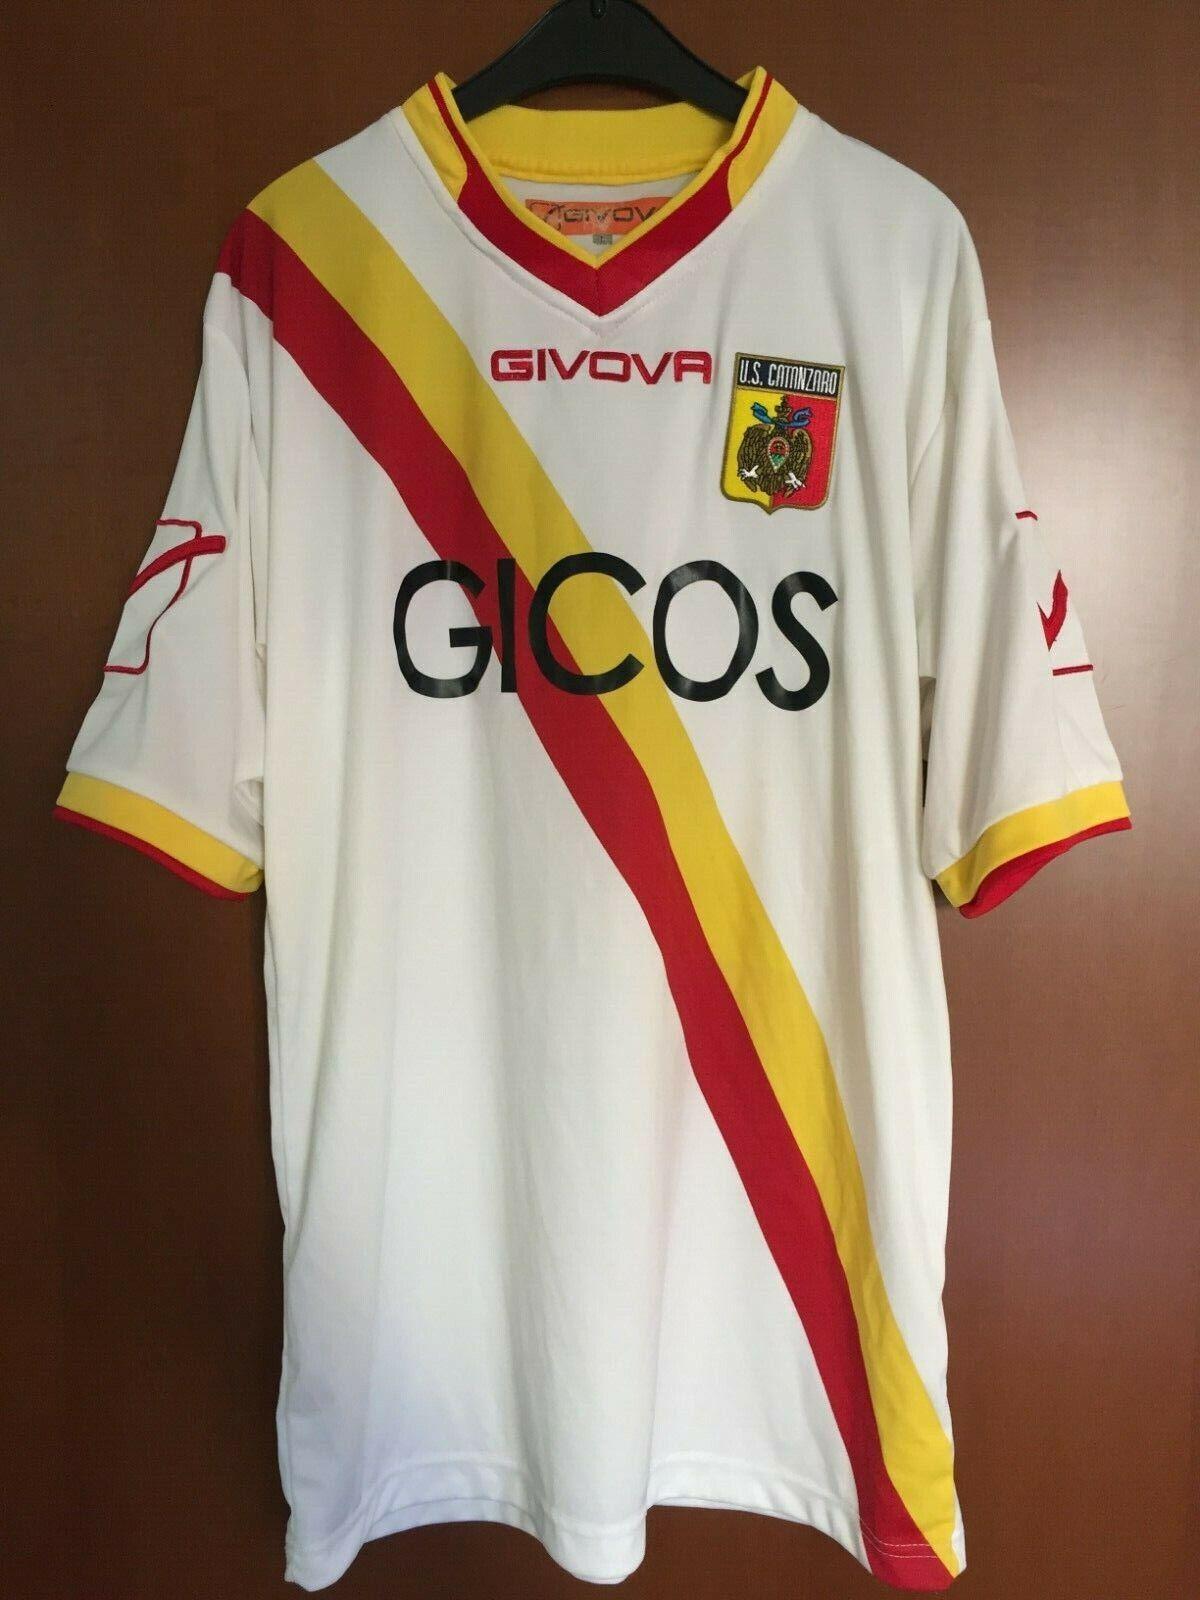 Maglia Shirt Trikot Maglietta Jersey Camiseta Catanzaro Gicos Givova Italia